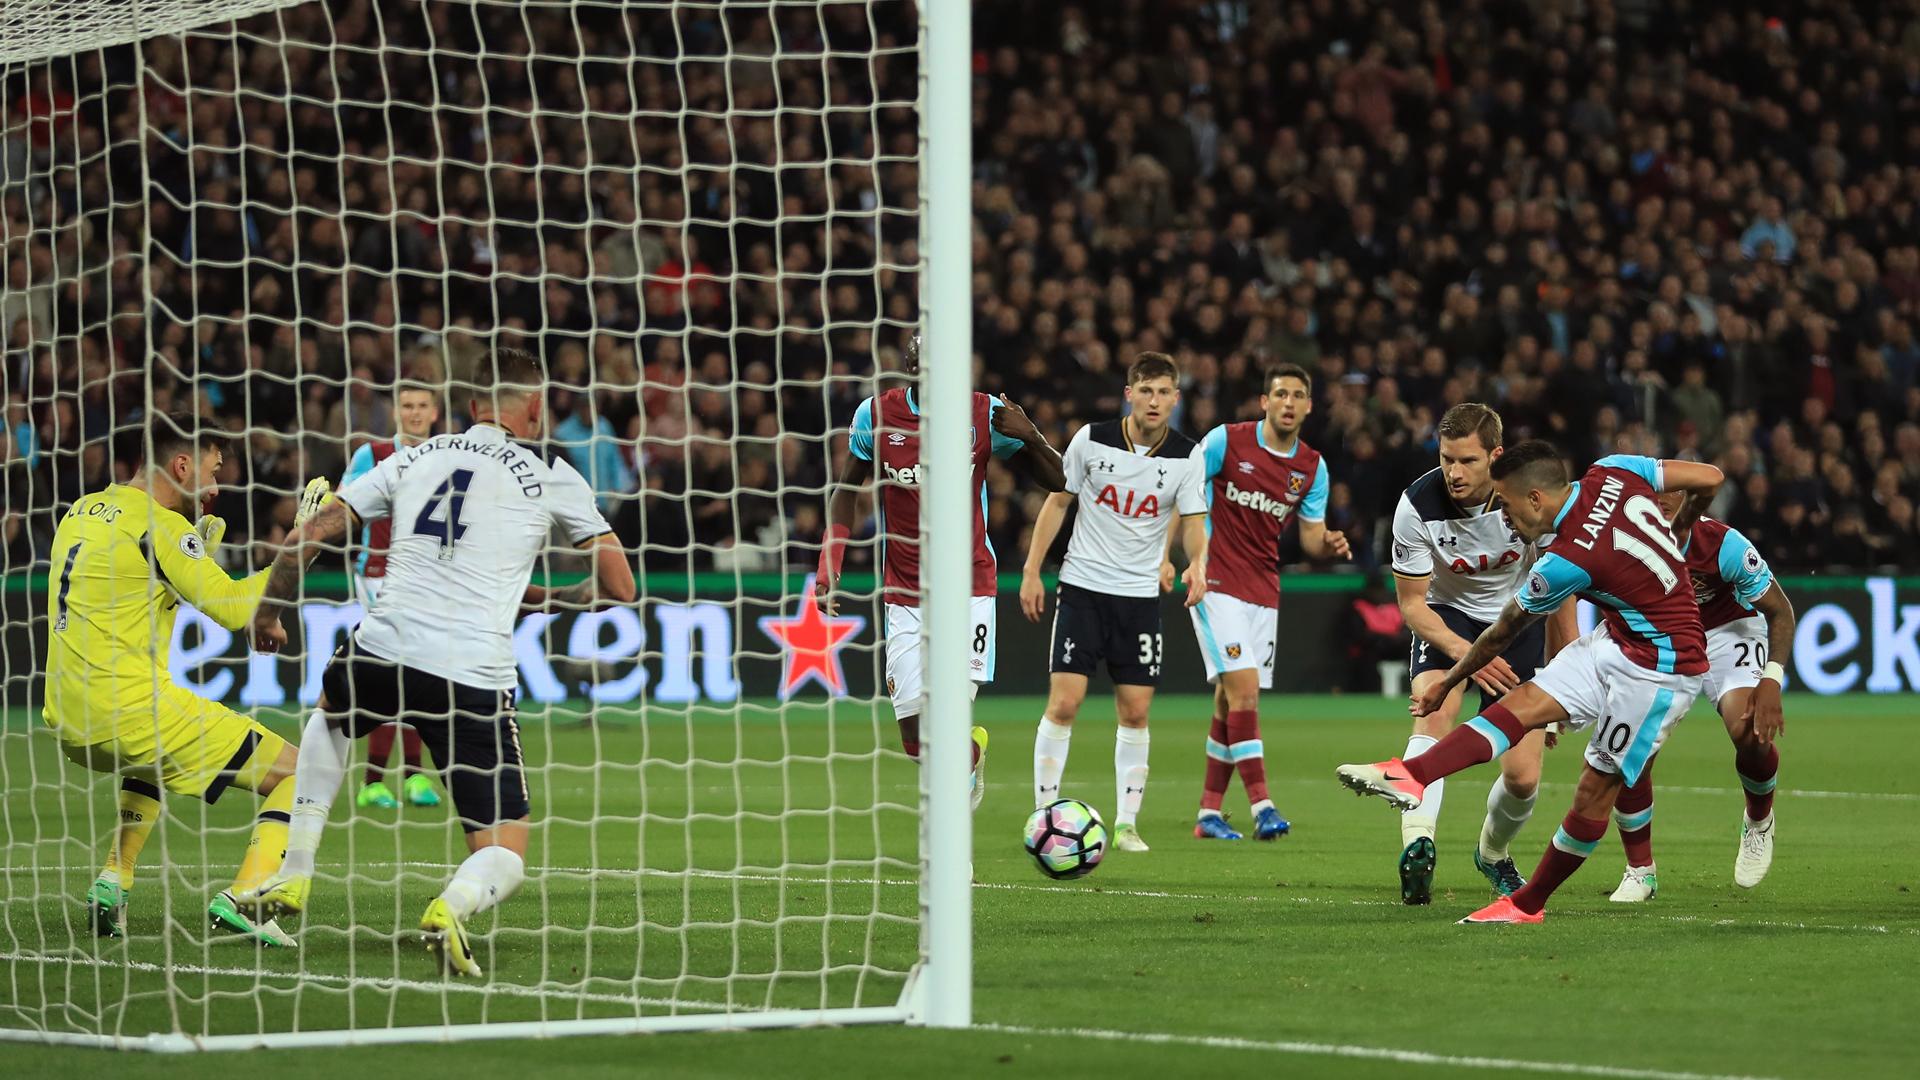 Gol argentino da el triunfo al West Ham ante Tottenham